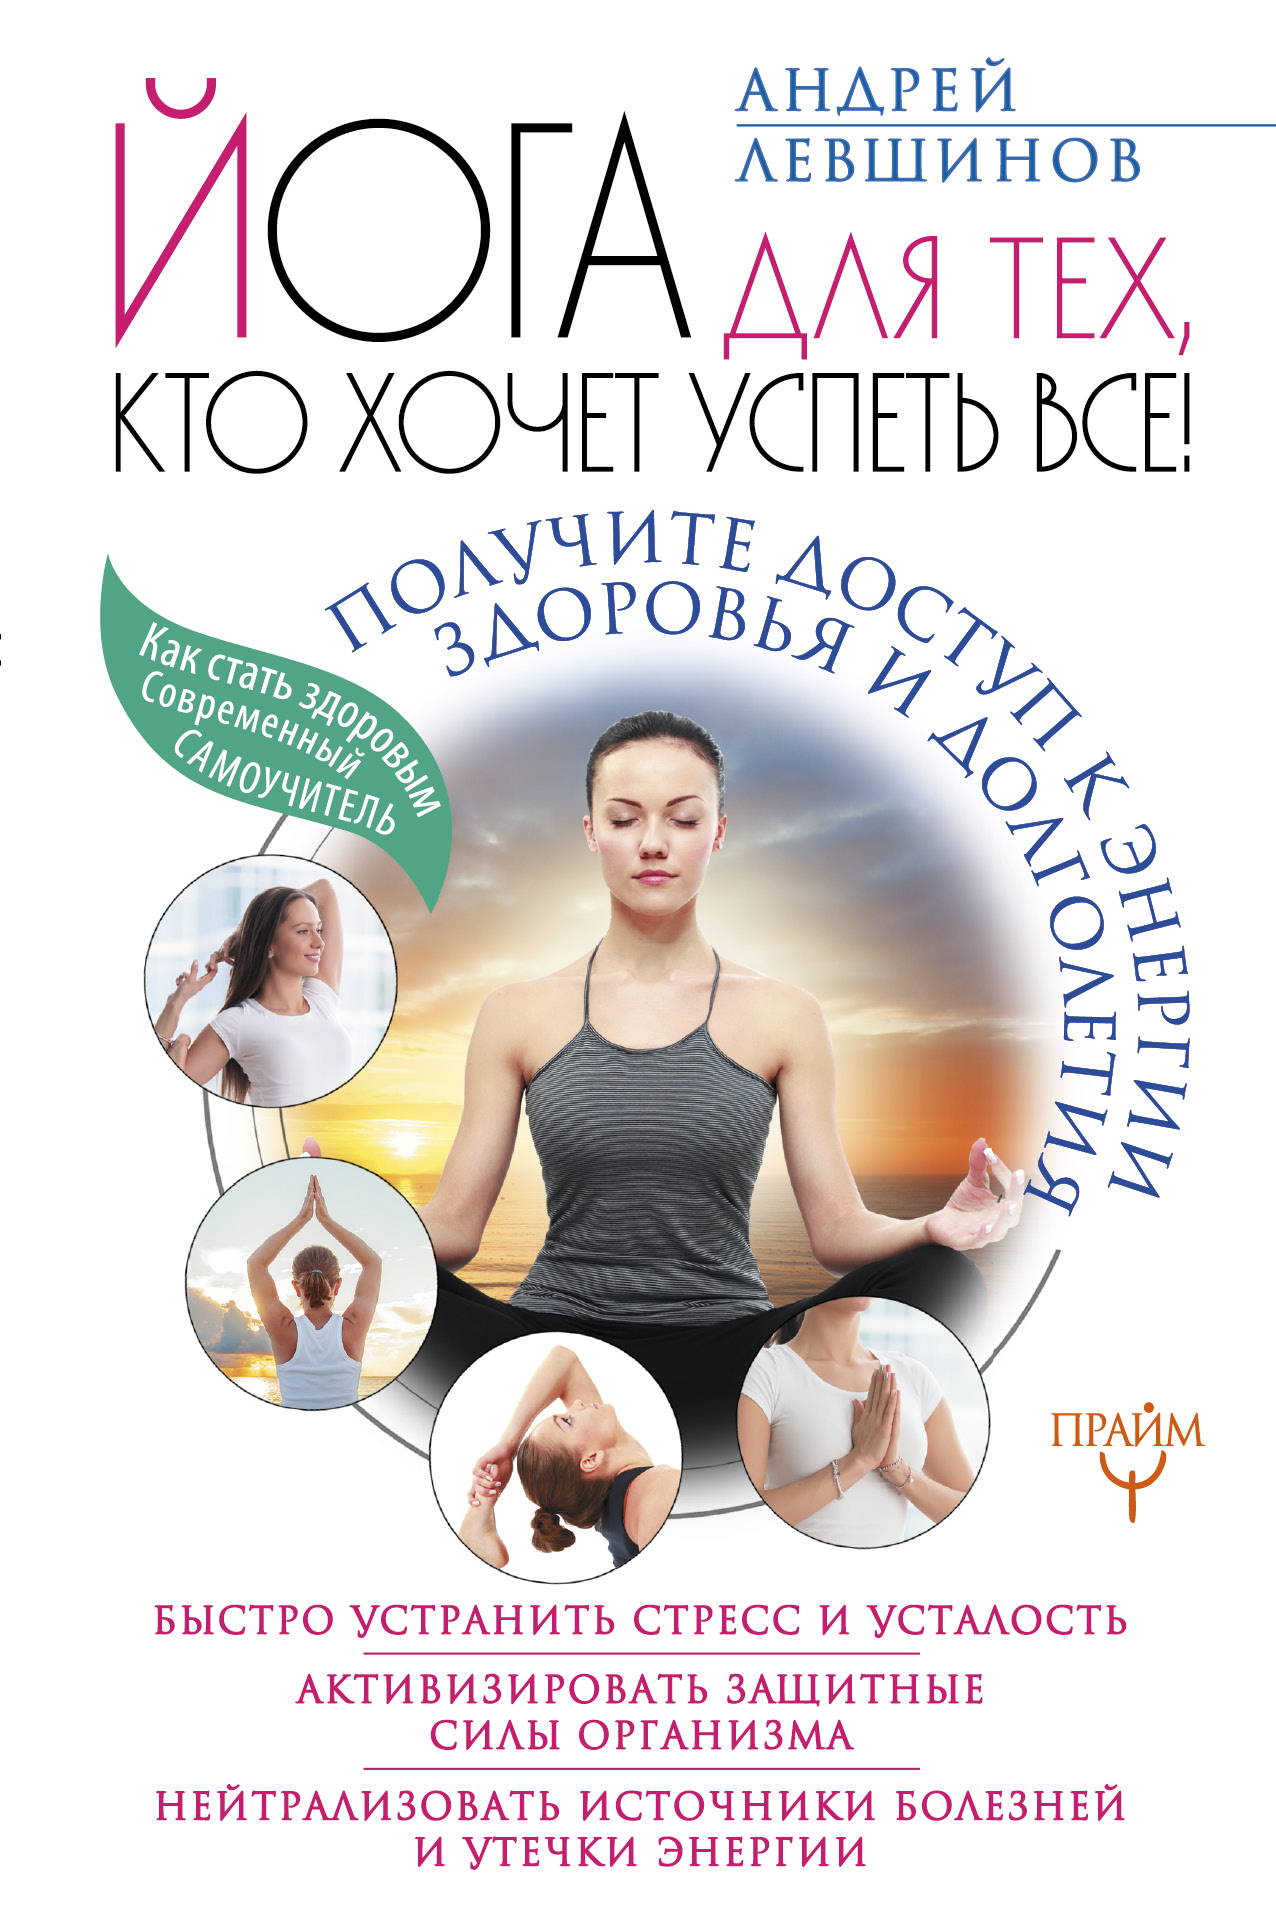 Йога для тех, кто хочет успеть все! Получите доступ к энергии здоровья и долголетия от book24.ru